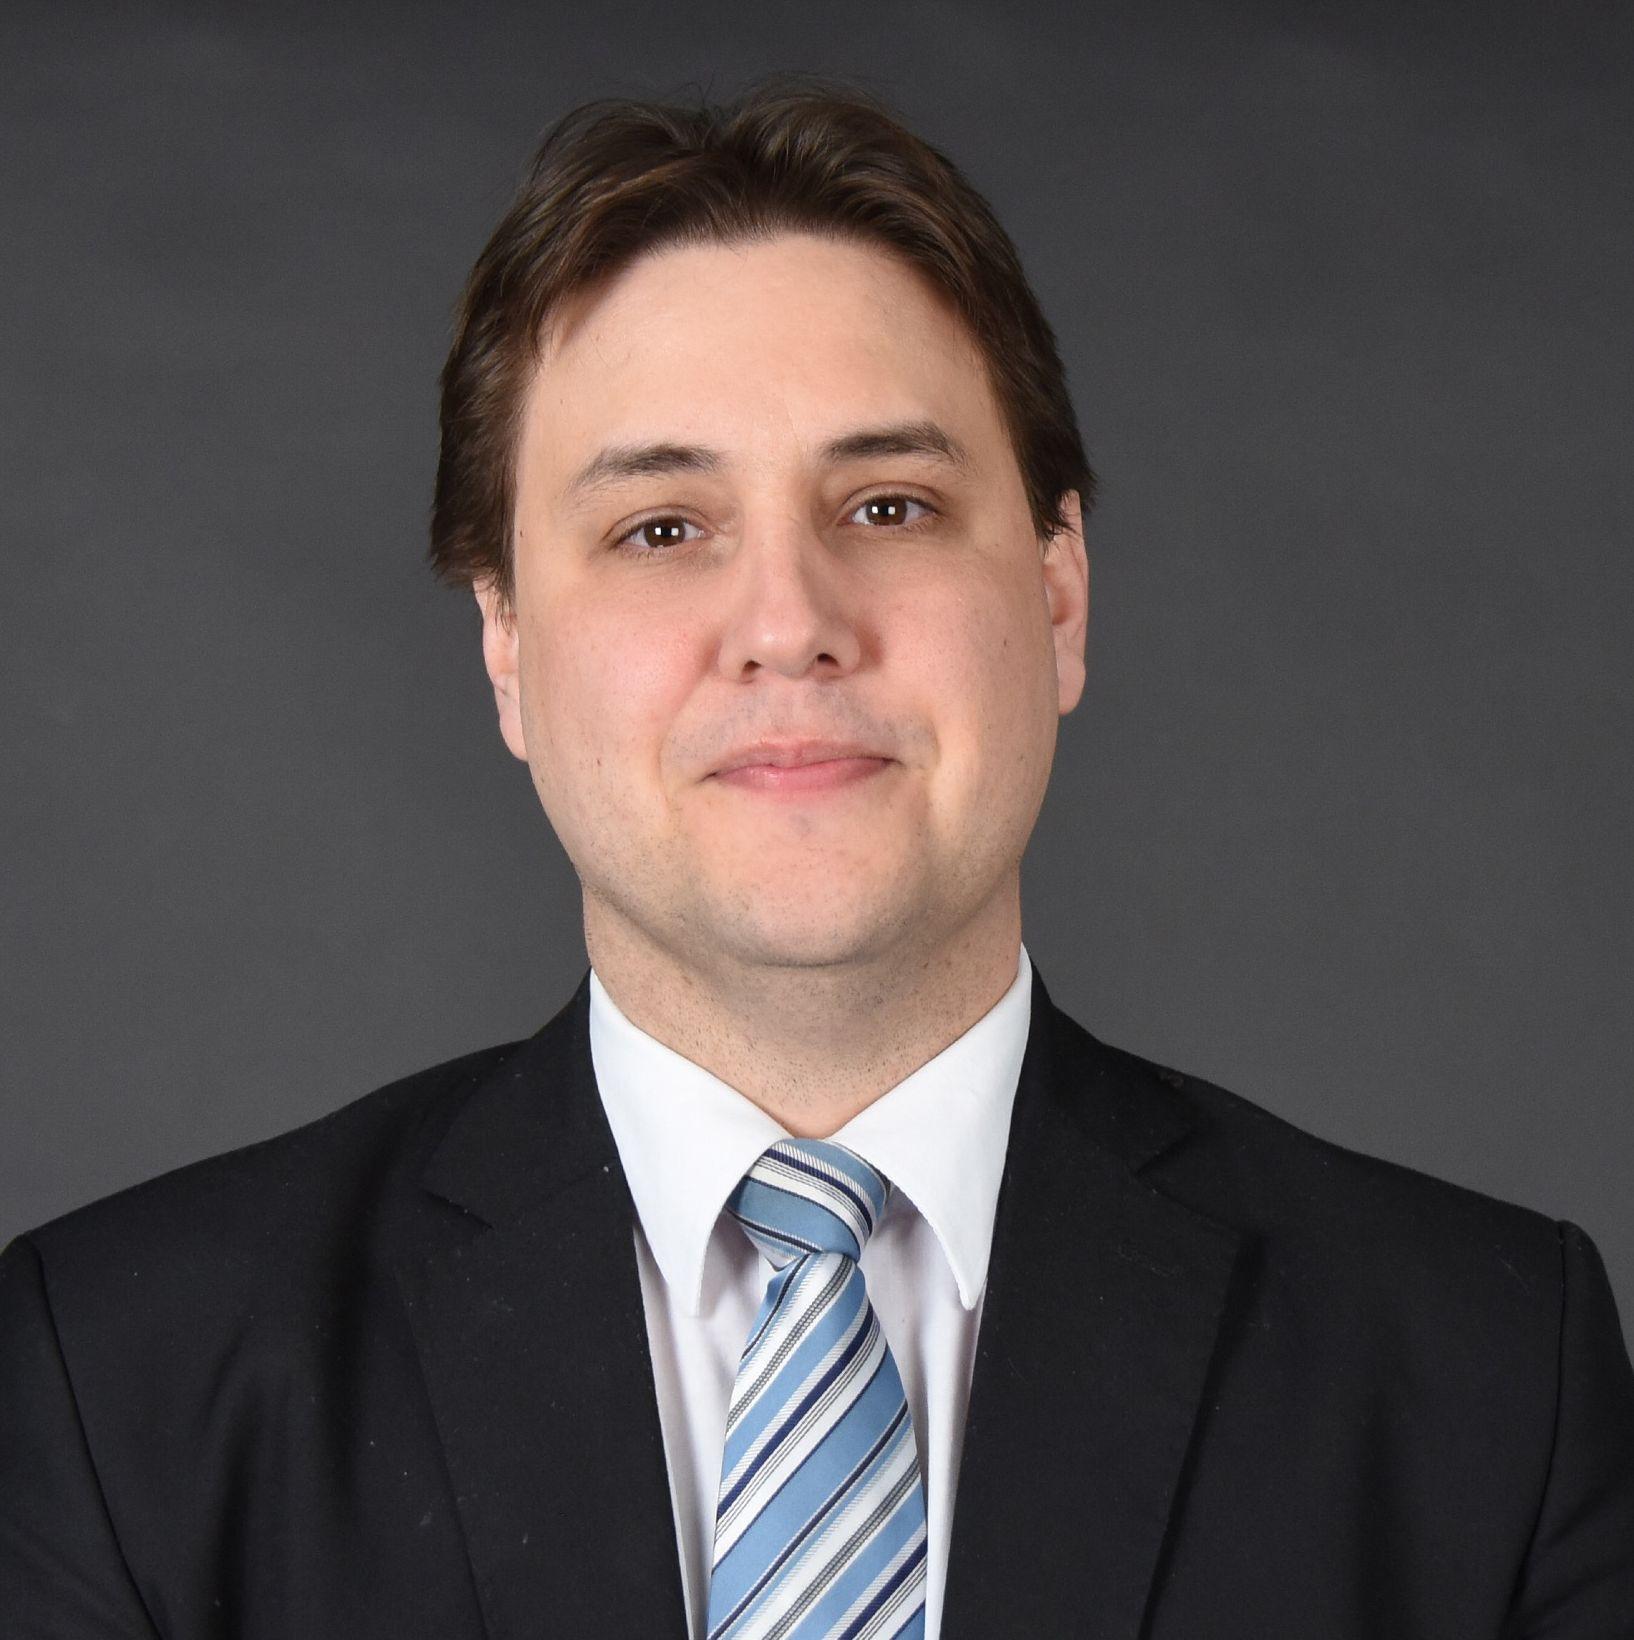 Marcos Siqueira Moraes